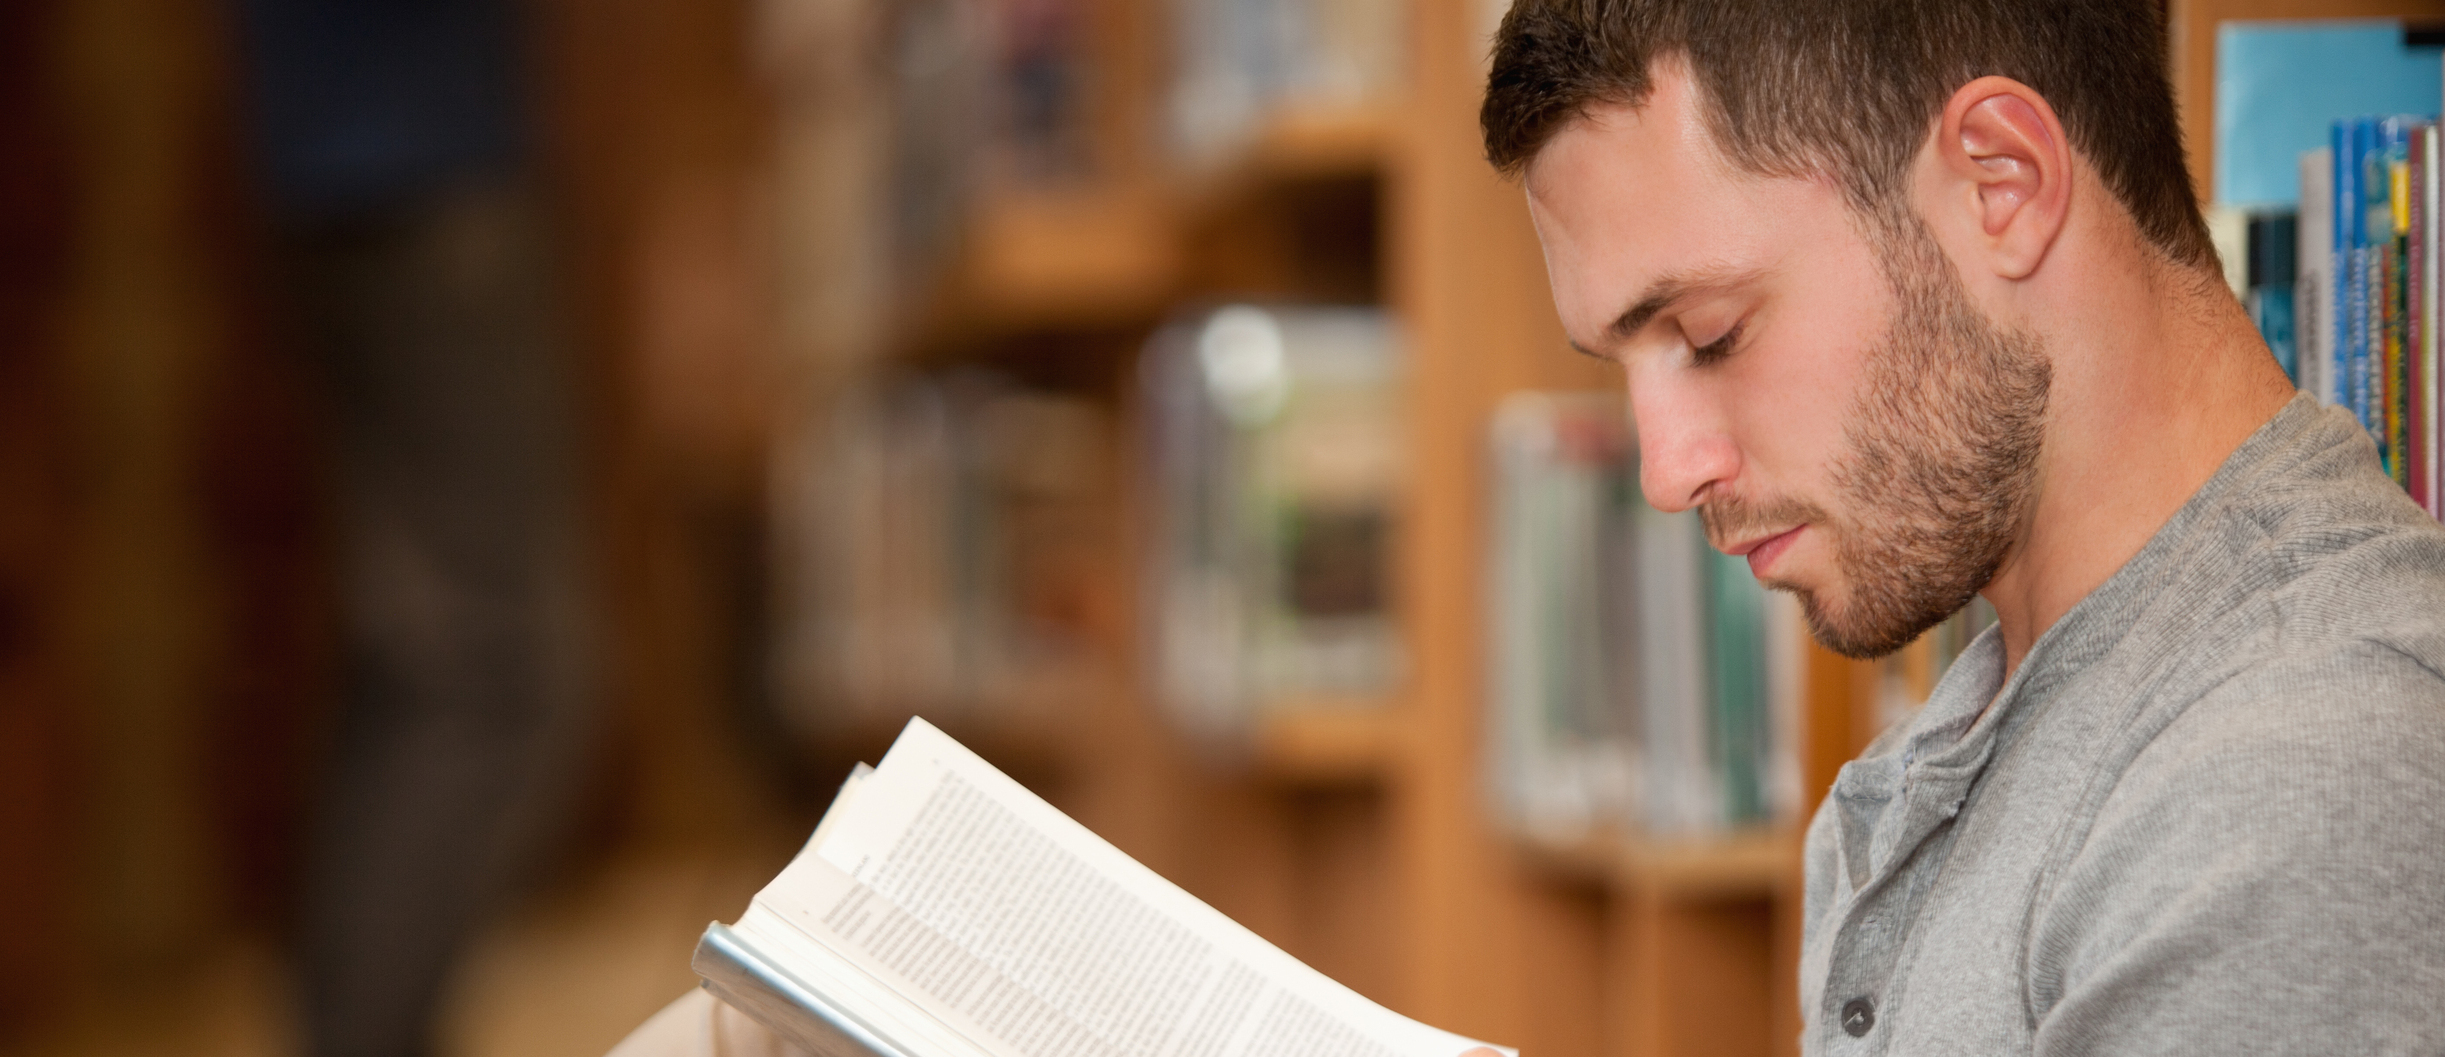 Readin Book